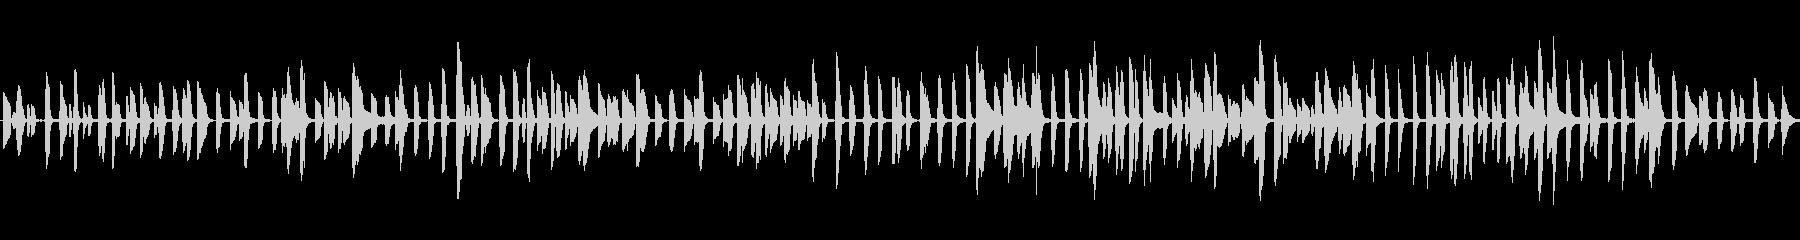 生ピアノソロ・楽しいDIY短めバージョンの未再生の波形